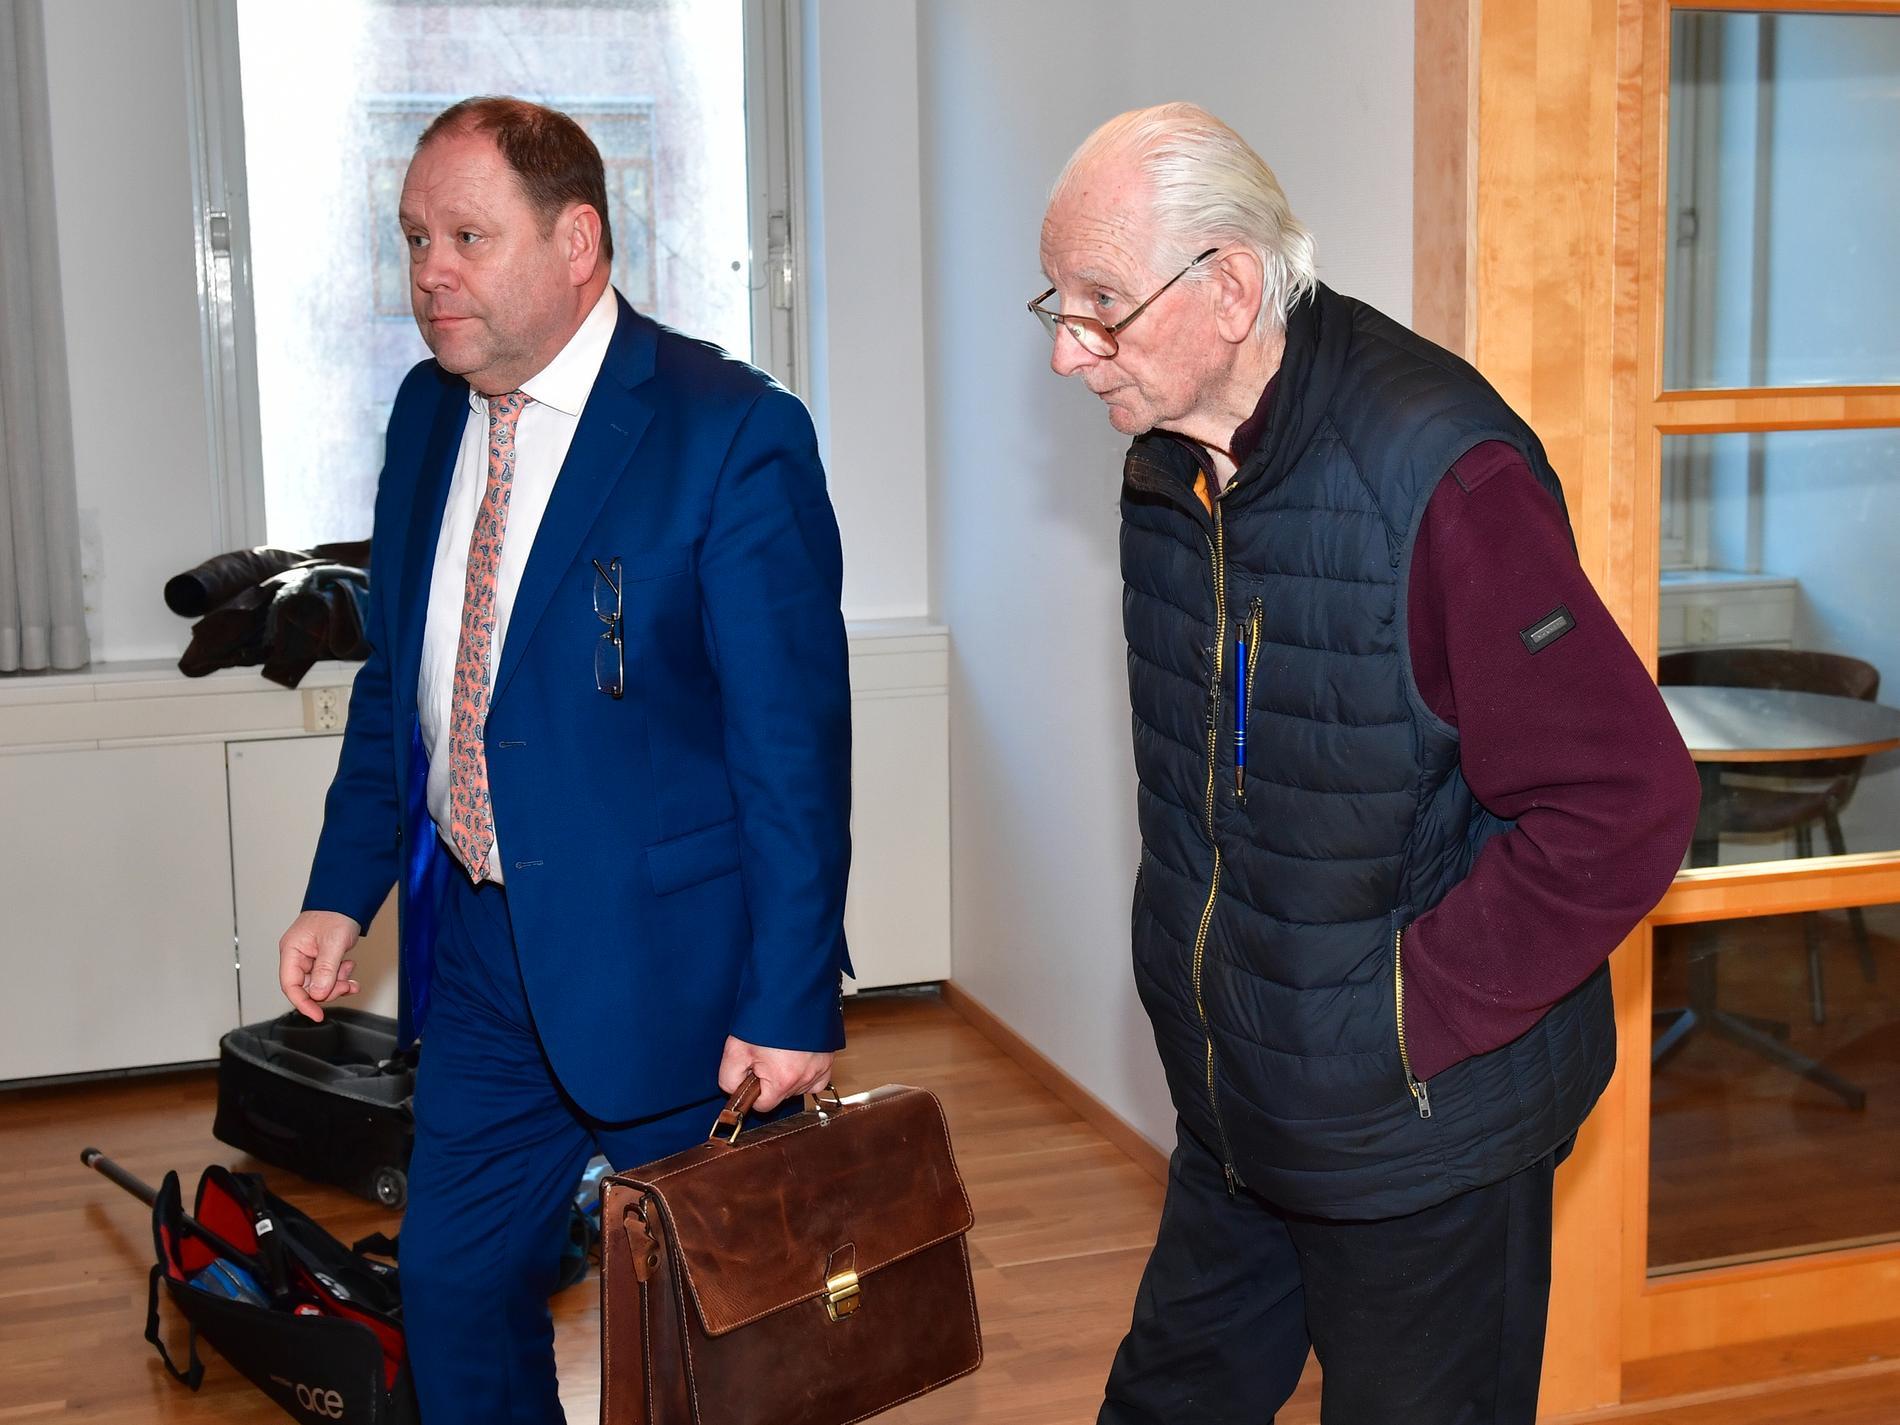 Johan Binninge, juridiskt ombud, och Esbjörn vid en muntlig förberedelse i tvistemålet om fastigheten med Ebba Busch.